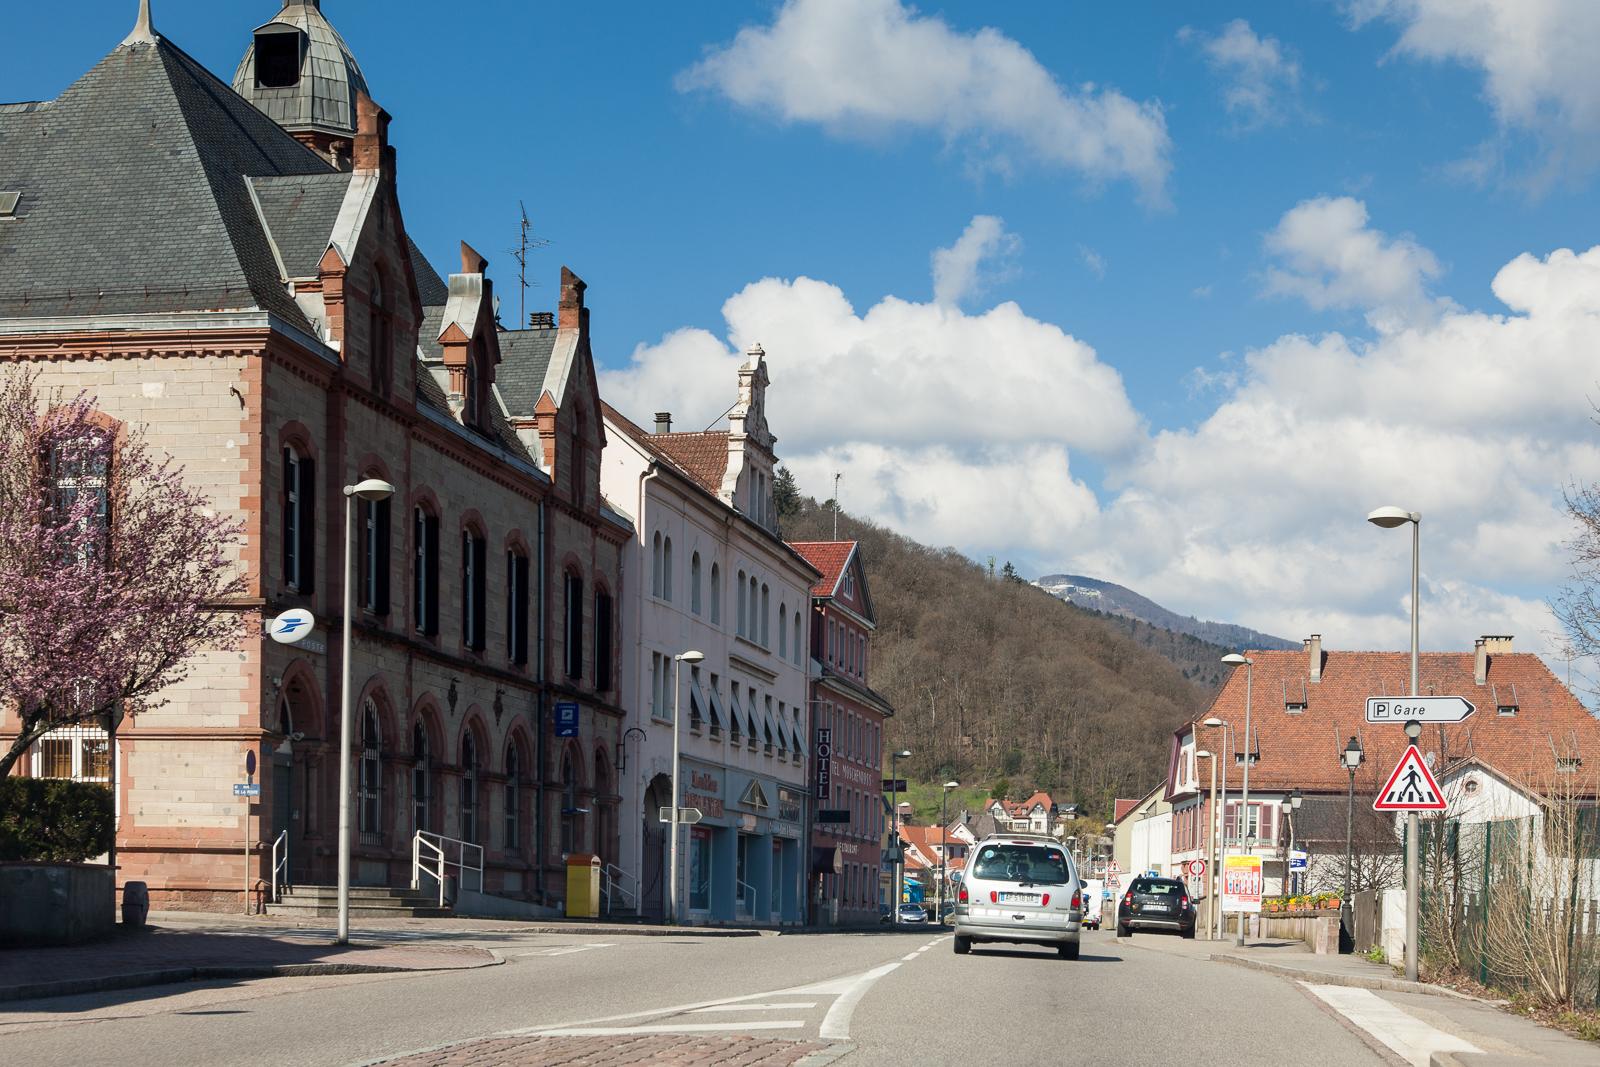 Dag02-Alsace-006-IMG_48004